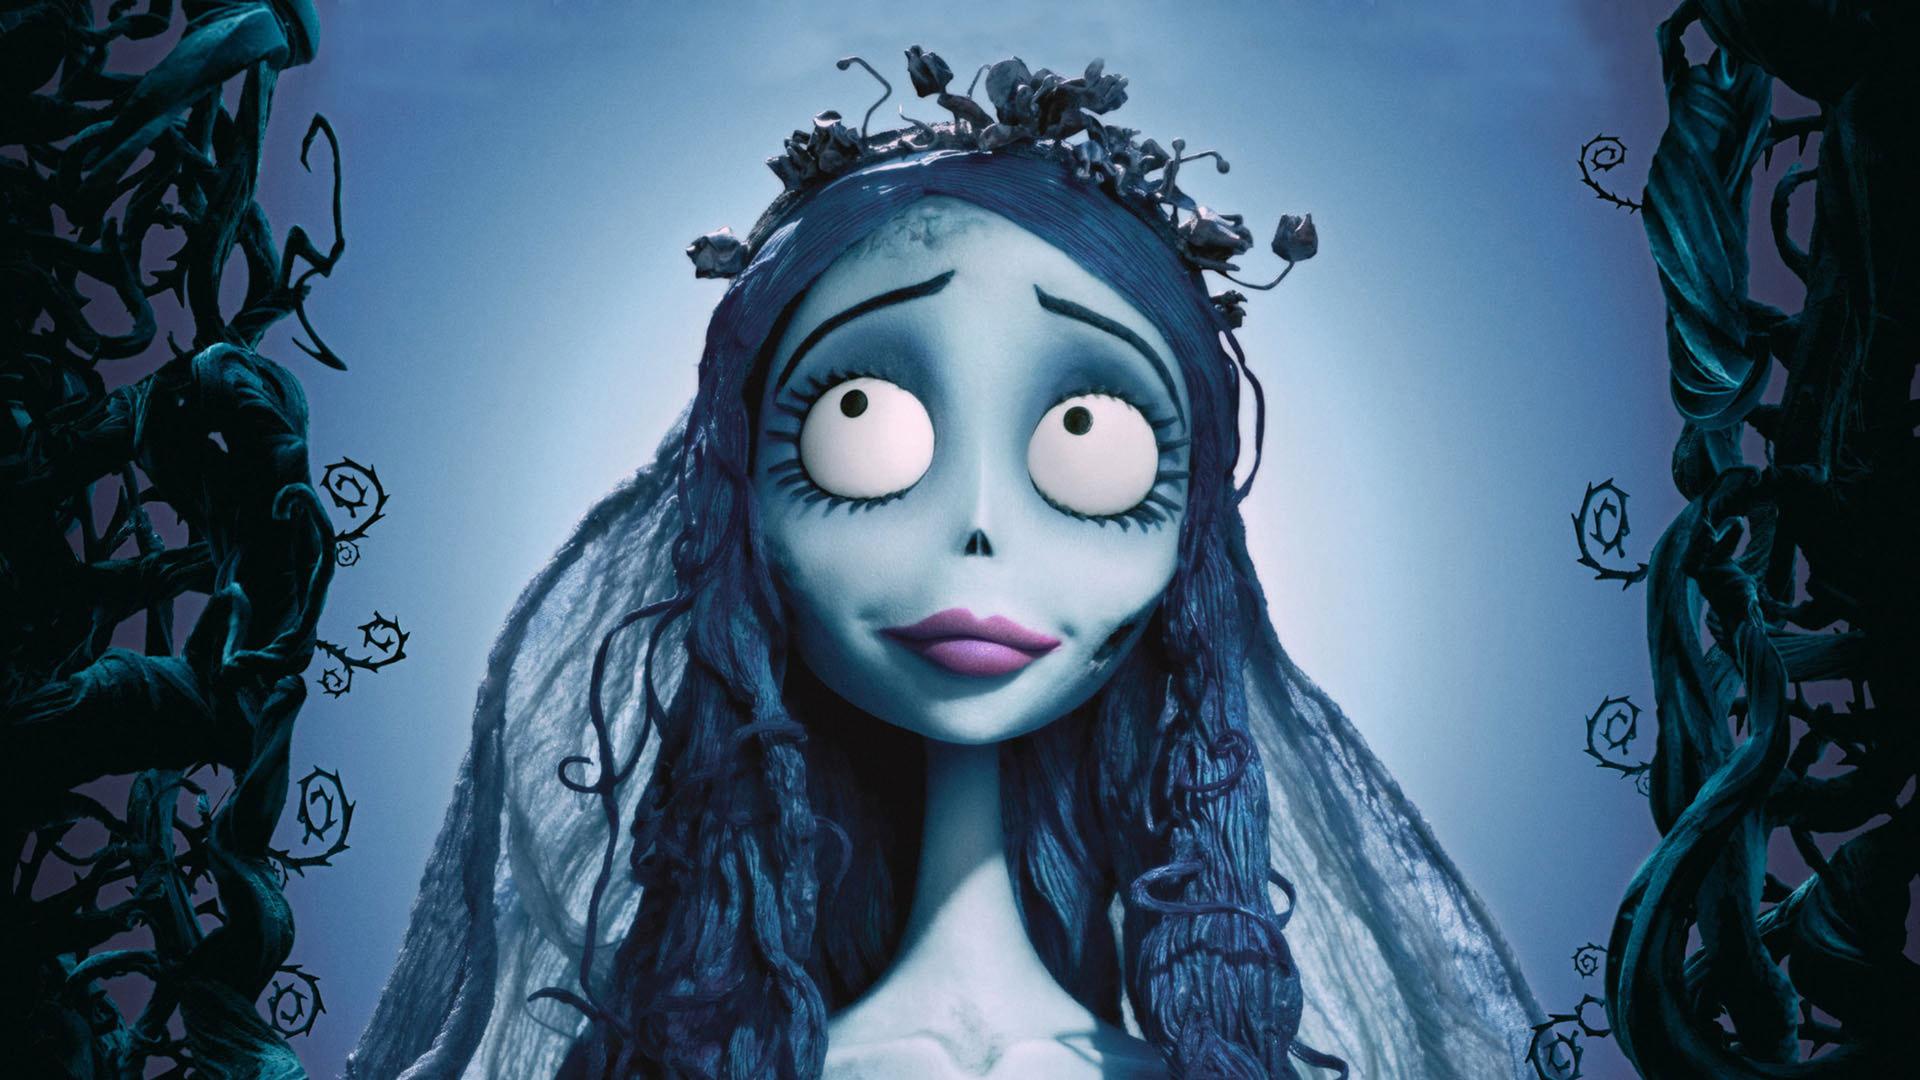 ¿Quién es la novia cadáver?